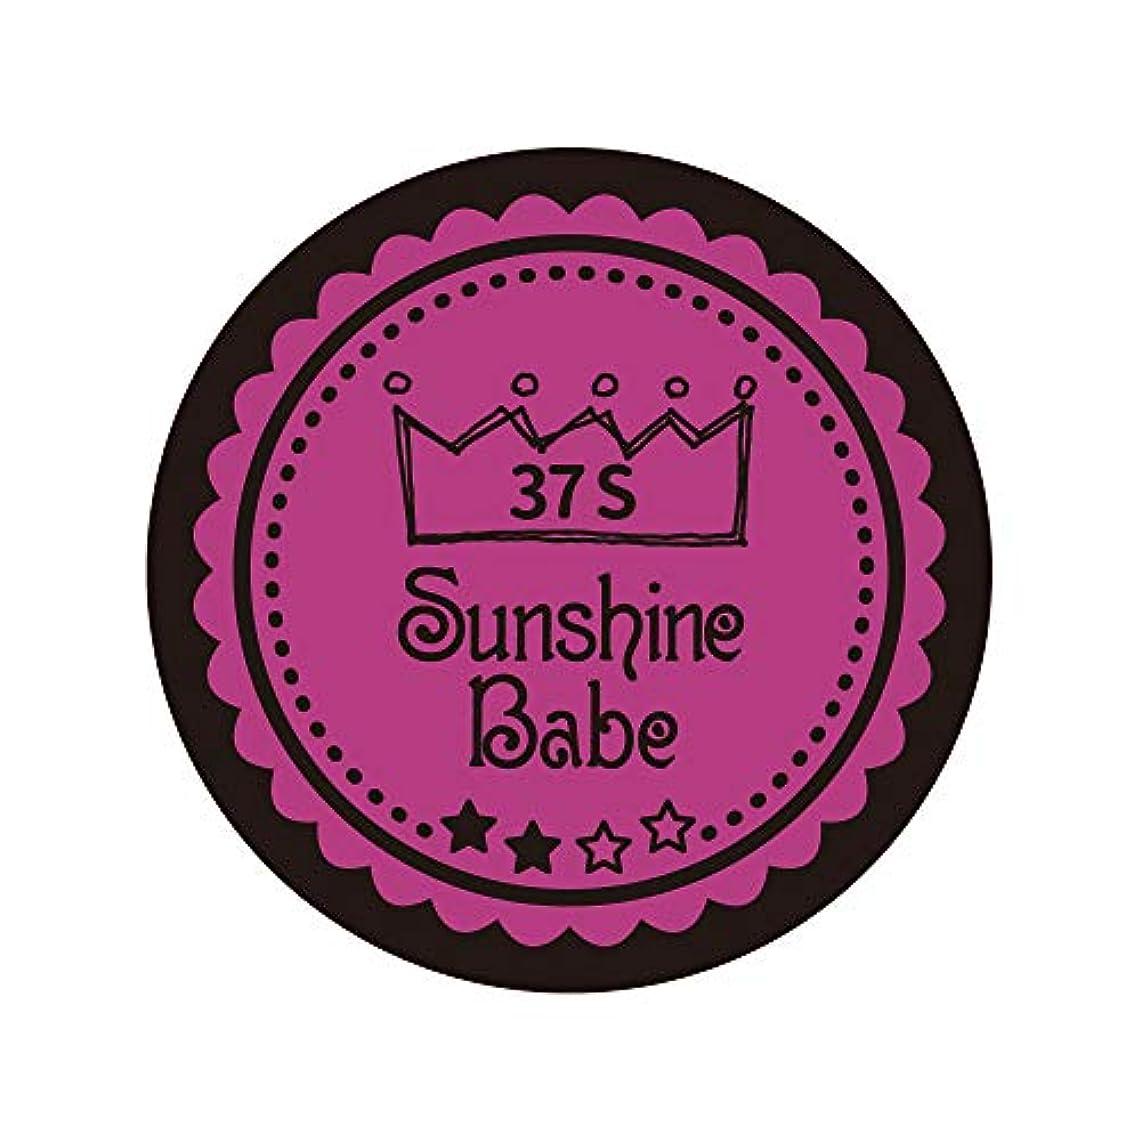 ゴシップ頭蓋骨最初にSunshine Babe カラージェル 37S フューシャピンク 2.7g UV/LED対応